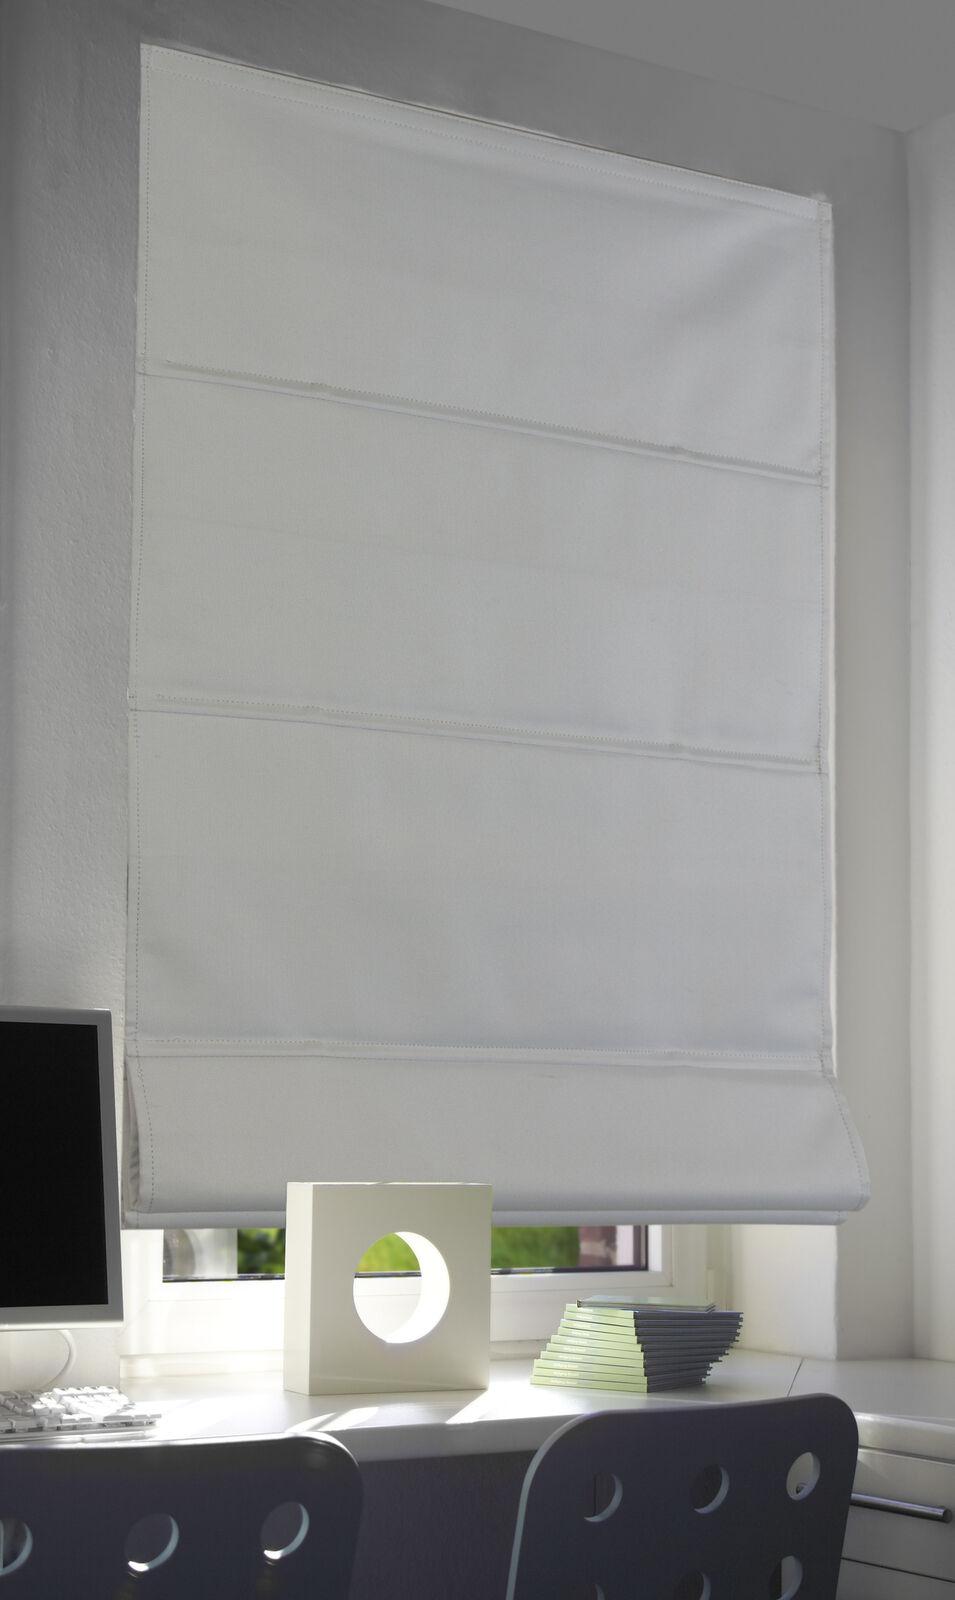 Full Size of Raffrollo Küchenfenster Raffgardinen Mehr Als 200 Angebote Küche Wohnzimmer Raffrollo Küchenfenster